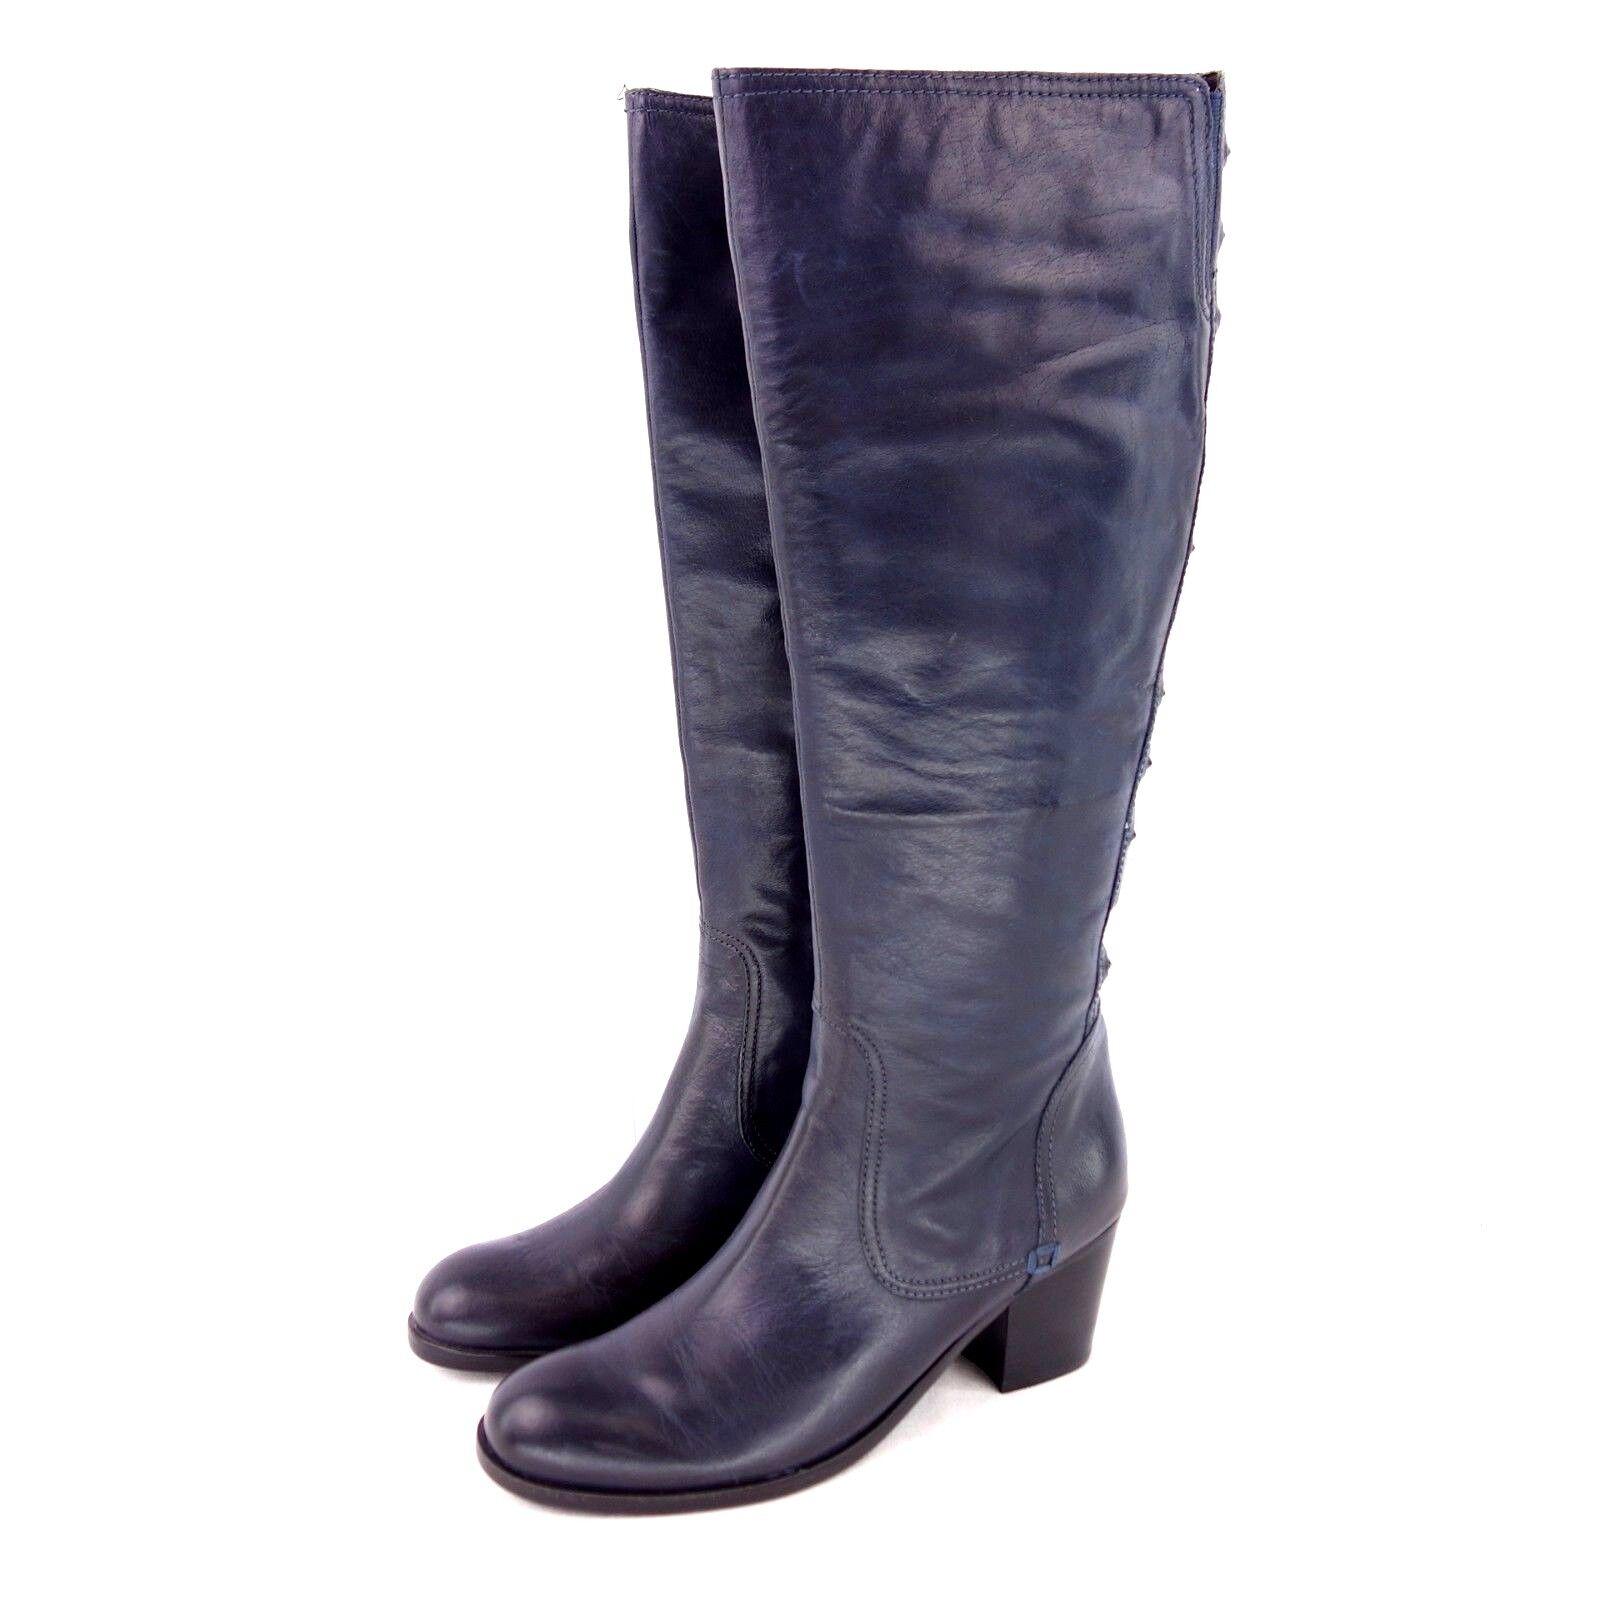 Apepazza botas Mujer 36 37 Azul Zapatos Cuero Cuero Cuero Altura Rodilla rojoondo Tacón Np 470000